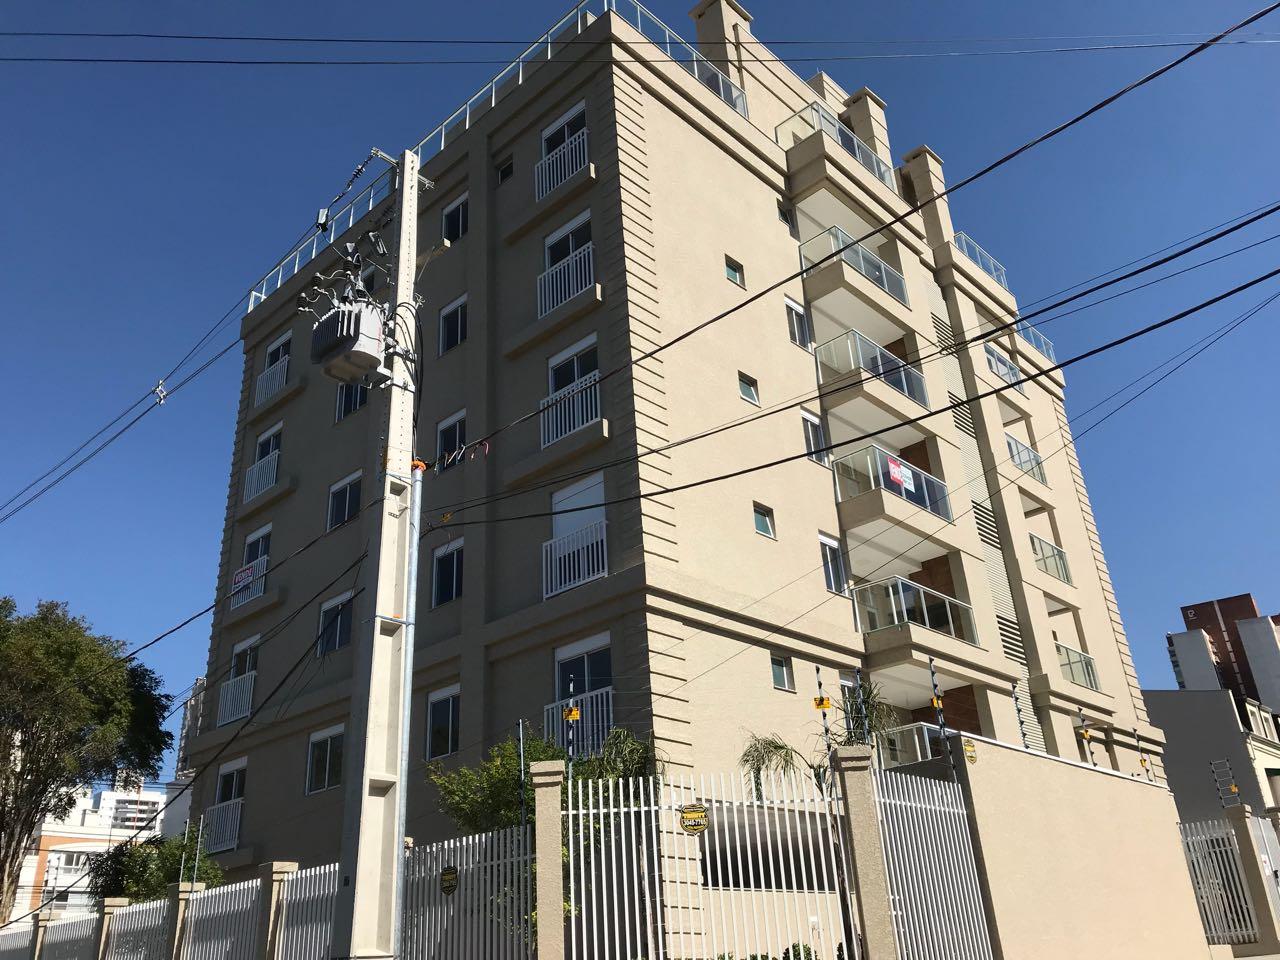 Habitação coletiva, A=2060 m², subsolo + Térreo + 6 pavimentos. Estrutura em concreto armado, fundação em estacas prémoldadas. Construtora MAFREI.